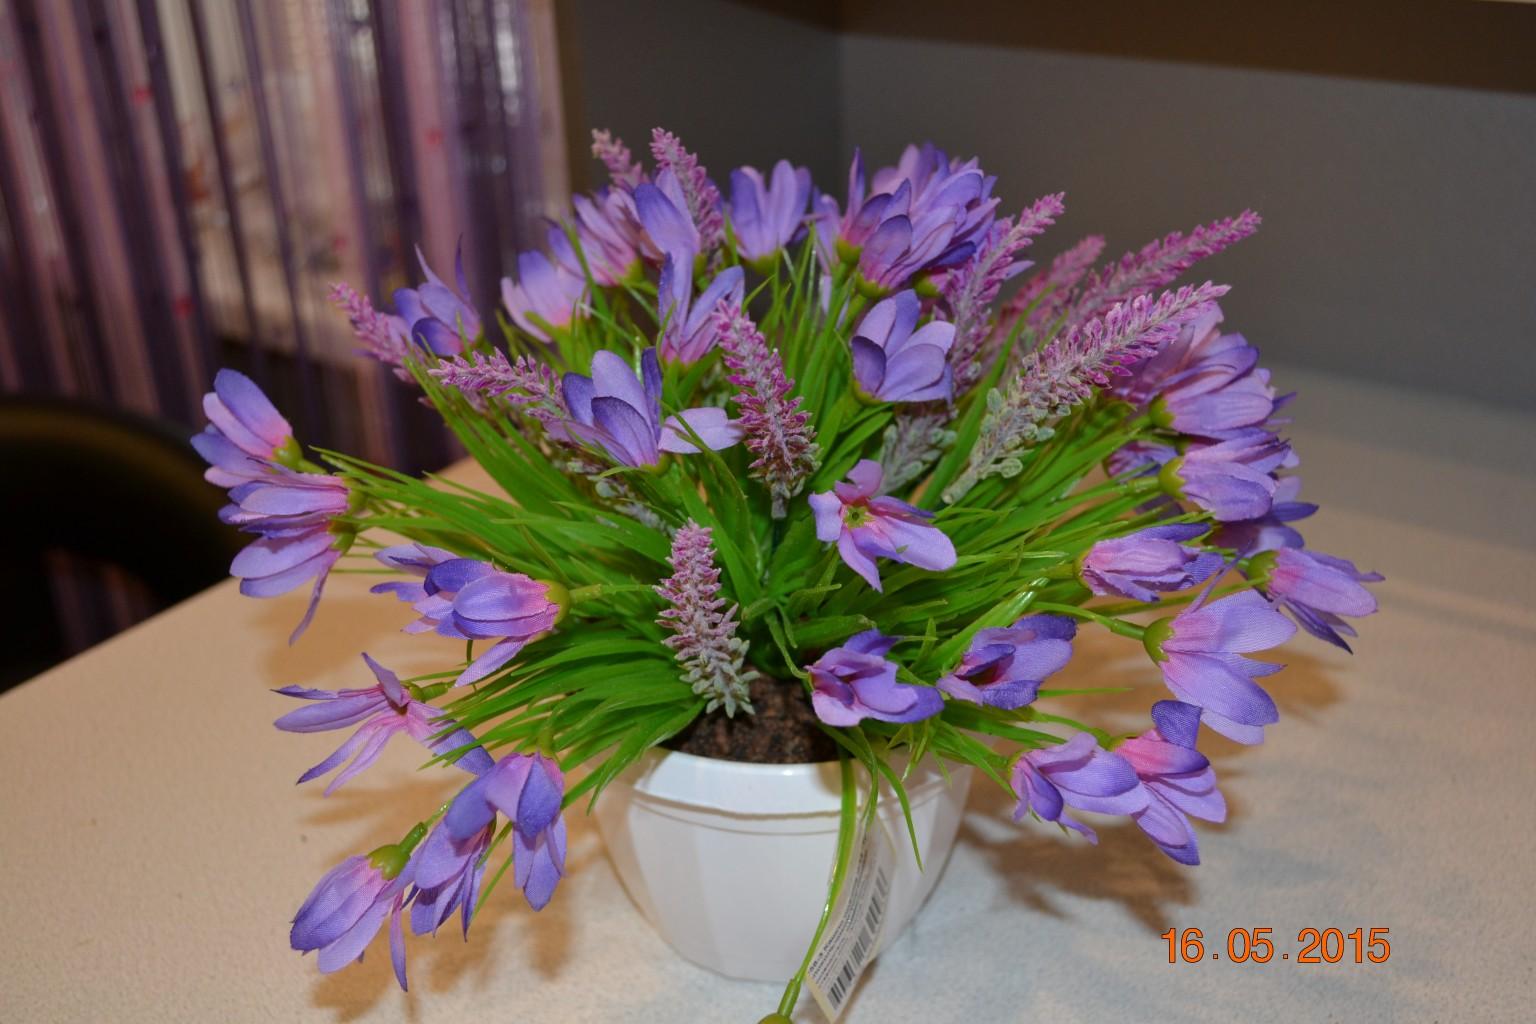 Сбор заказов. Оформление интерьера изысканными и красивыми растениями! Здесь вы найдете искусственные деревья, цветы в горшках, композиции, одиночные цветы, букеты, французские балконы, искусственная трава, подвесные, настенные кашпо и другое. Выкуп 3.